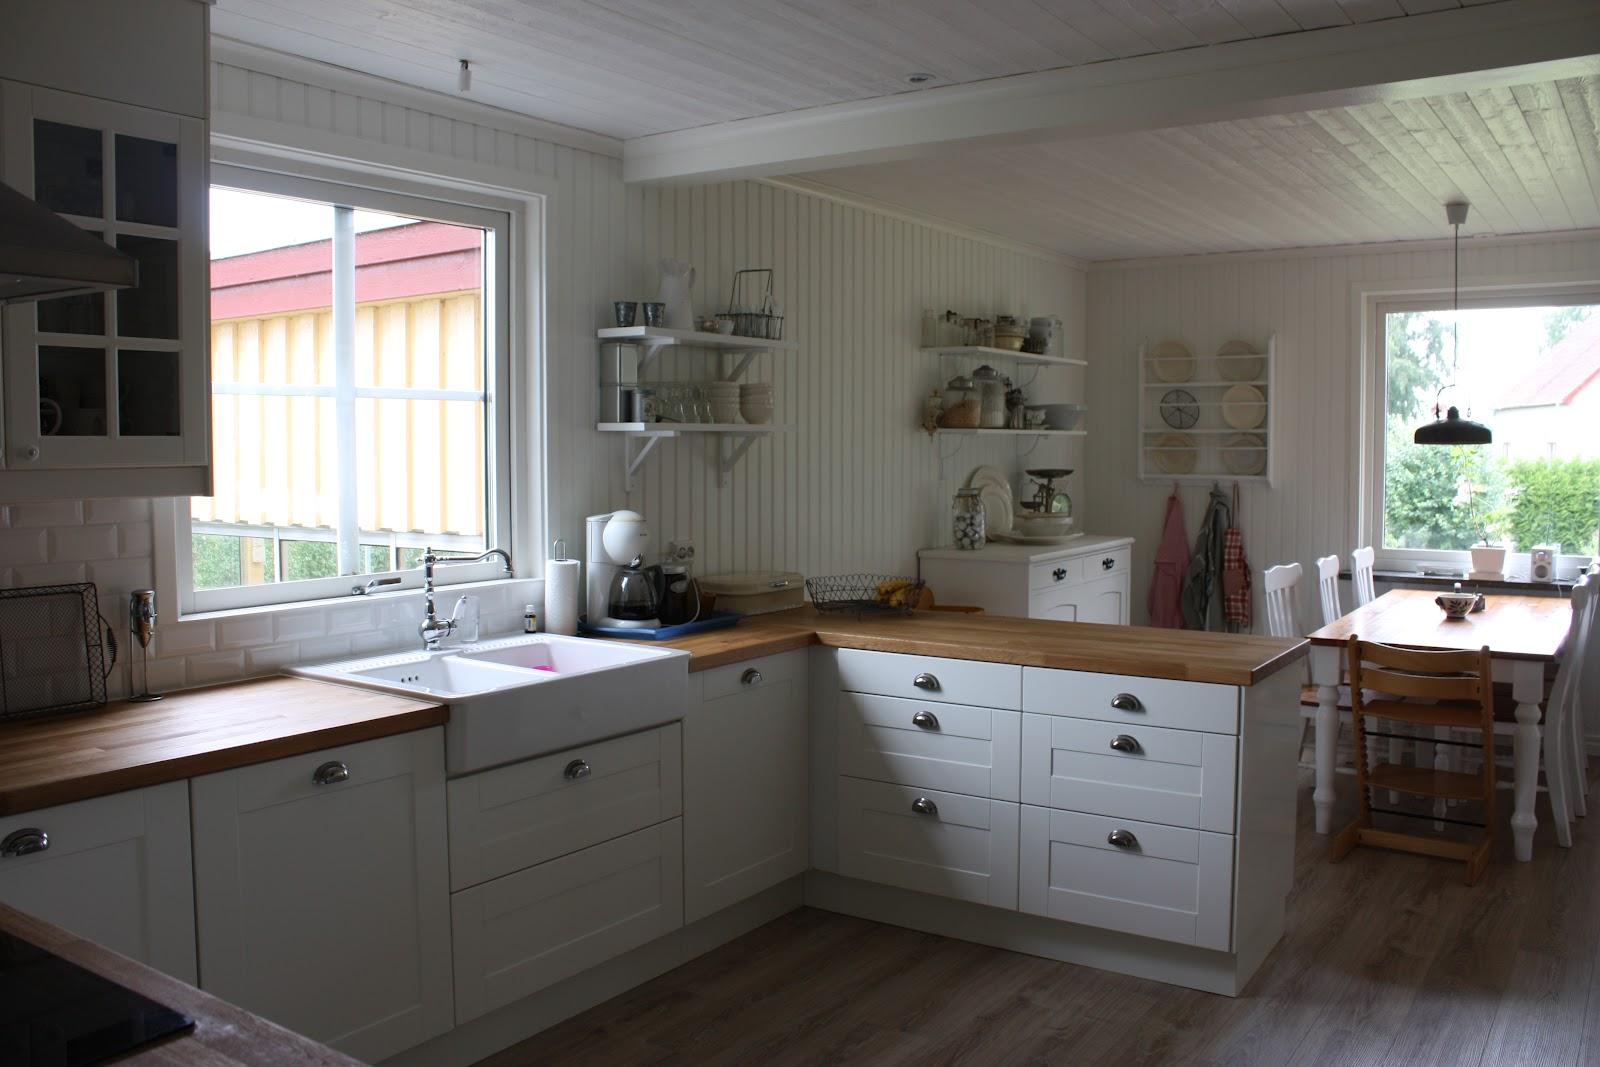 Annas skattkammare: kök före efter